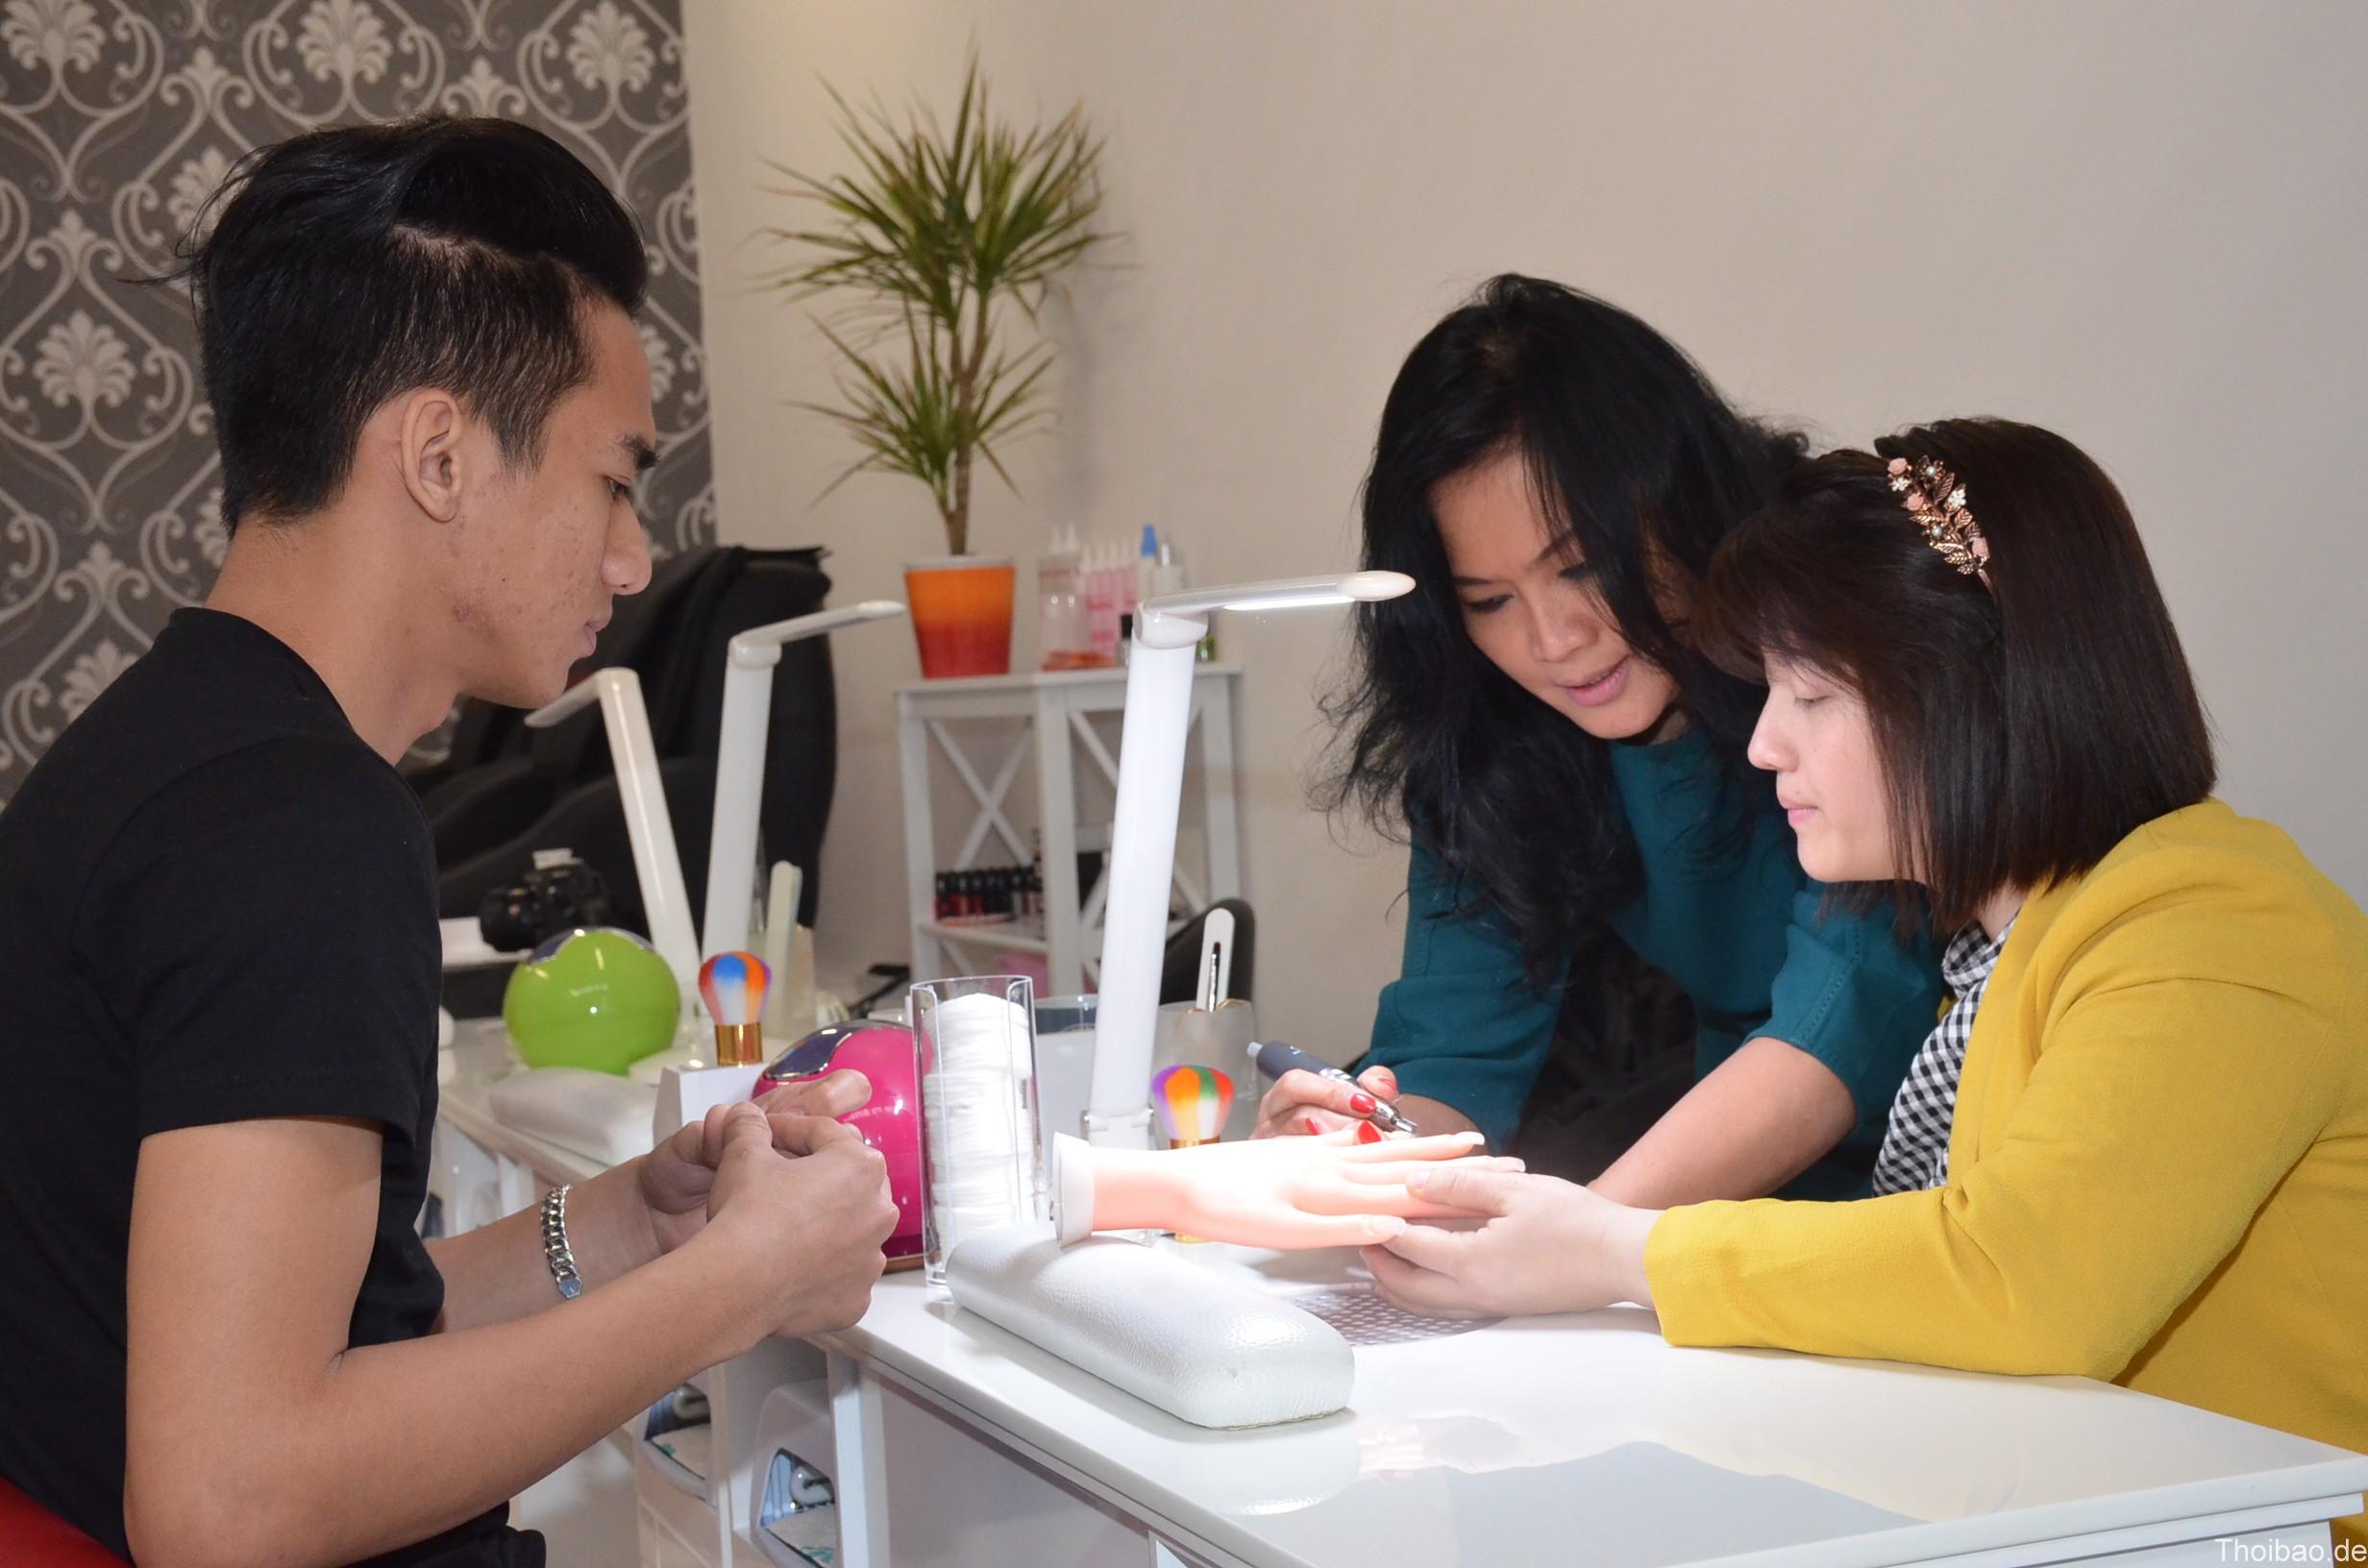 Ngành Nails của người Việt ở Đức - Tin Tức Việt Nam Toàn Cầu